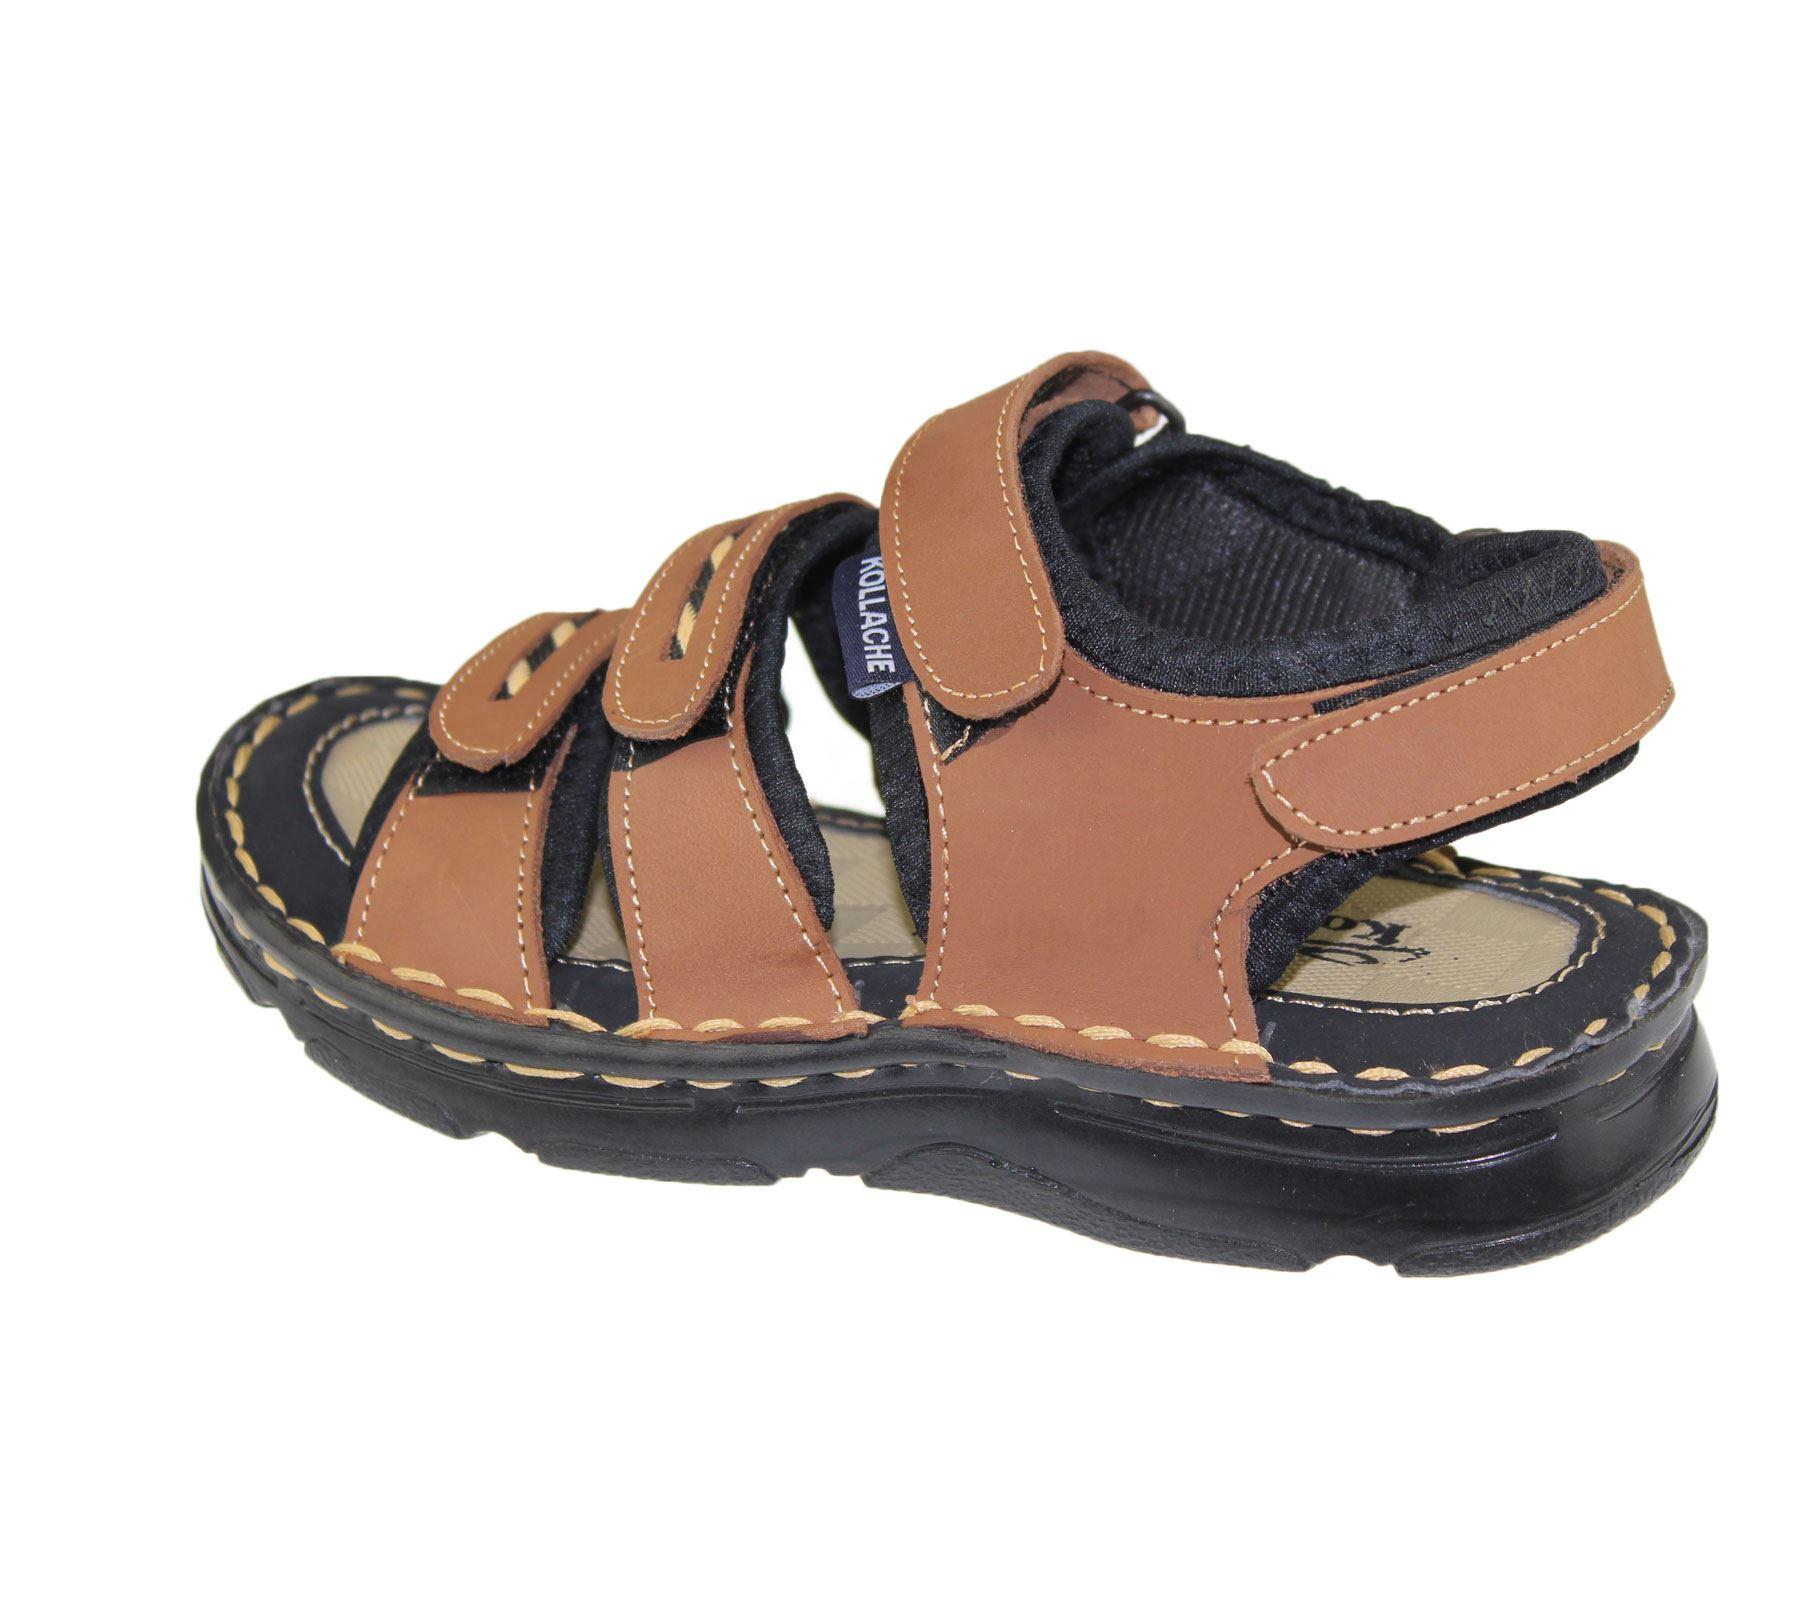 herren sport sandalen jungen strand wandern mode sommer freizeit hausschuh ebay. Black Bedroom Furniture Sets. Home Design Ideas